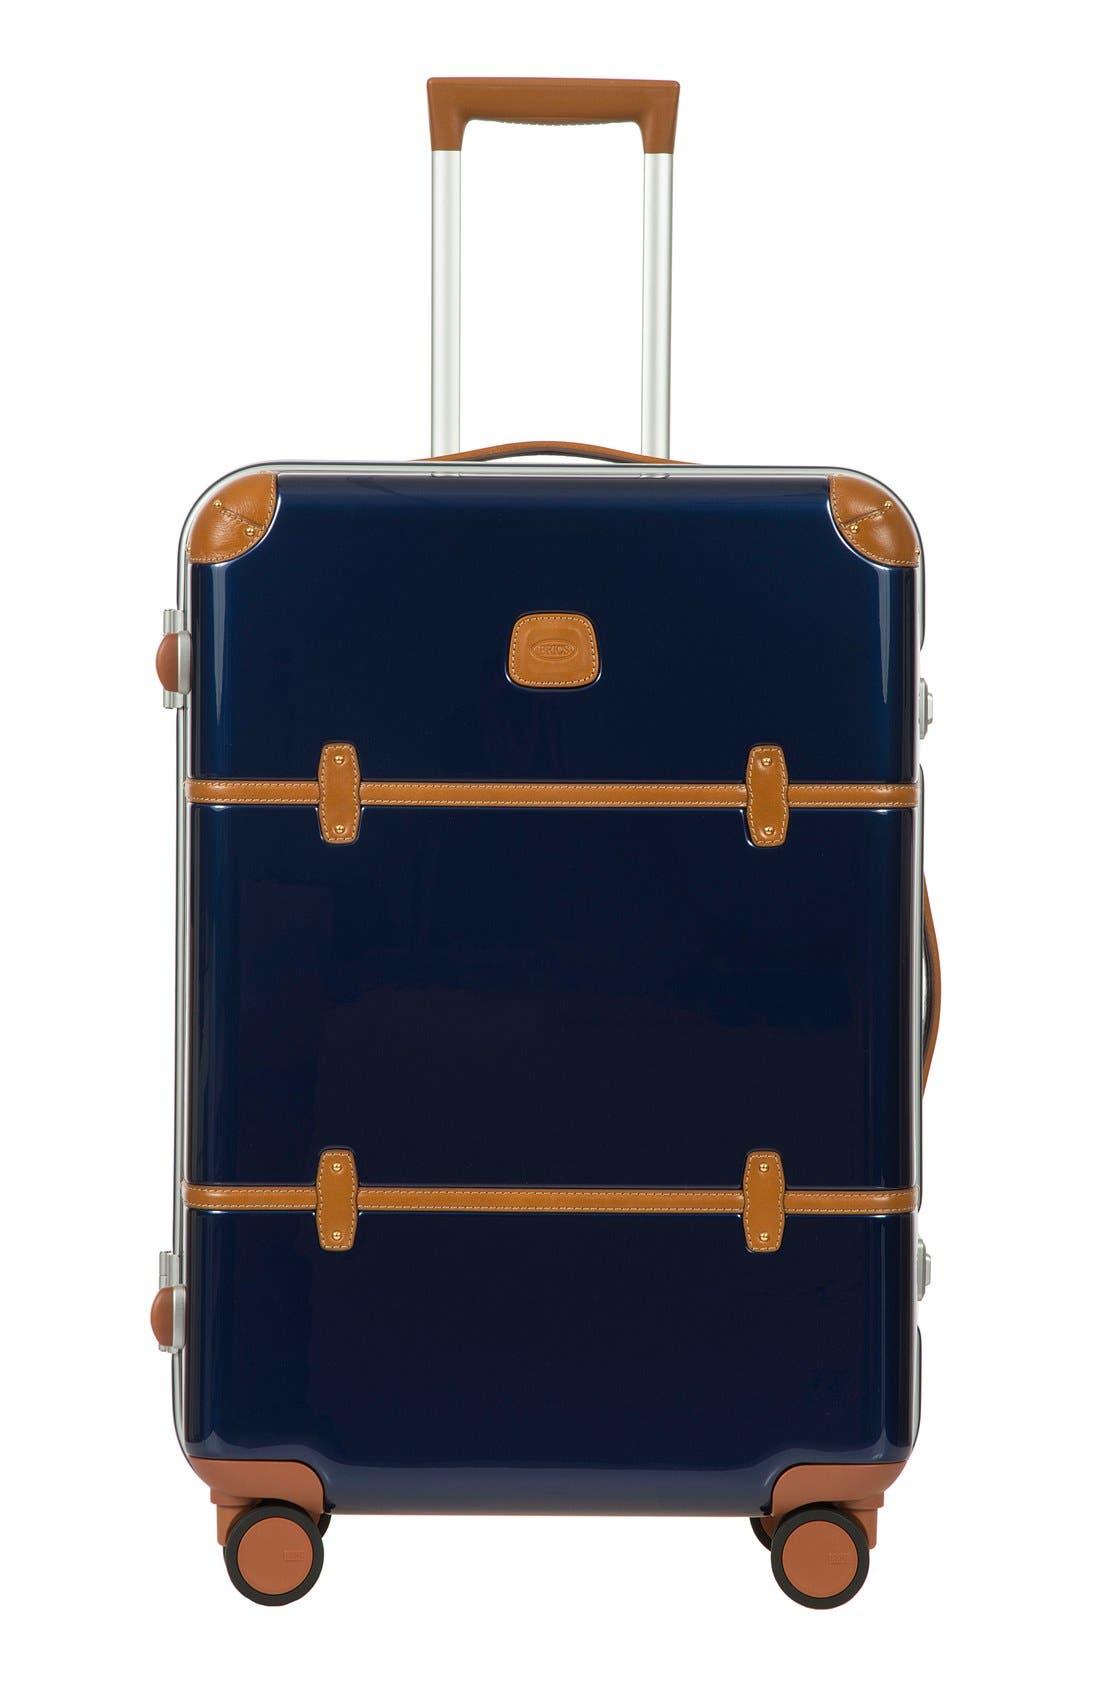 BRICS Bellagio Metallo 2.0 27 Inch Rolling Suitcase